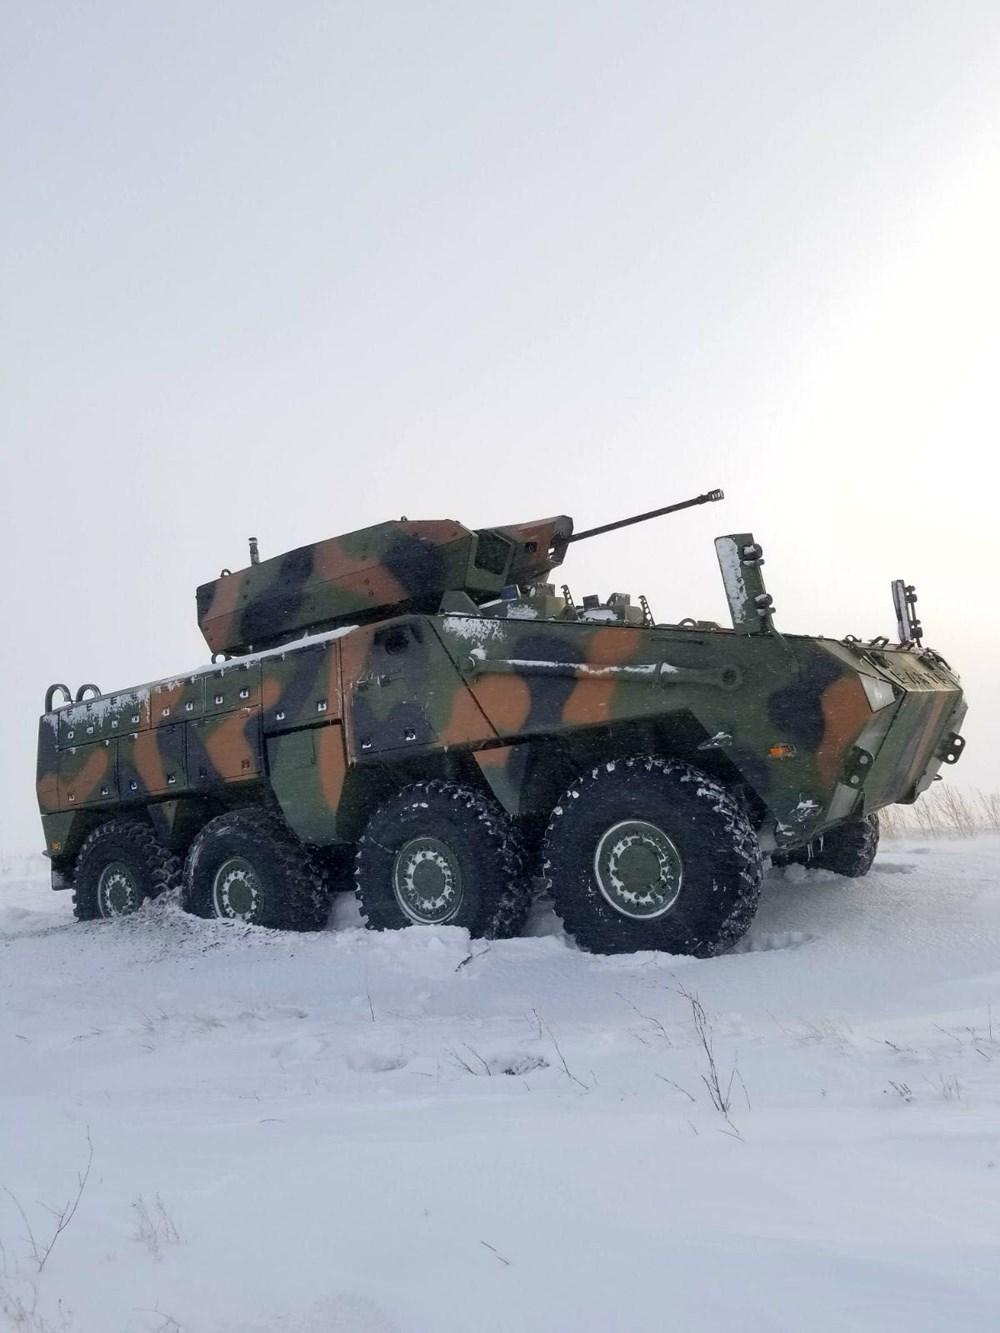 Türkiye'nin ilk silahlı insansız deniz aracı, füze atışlarına hazır - 215